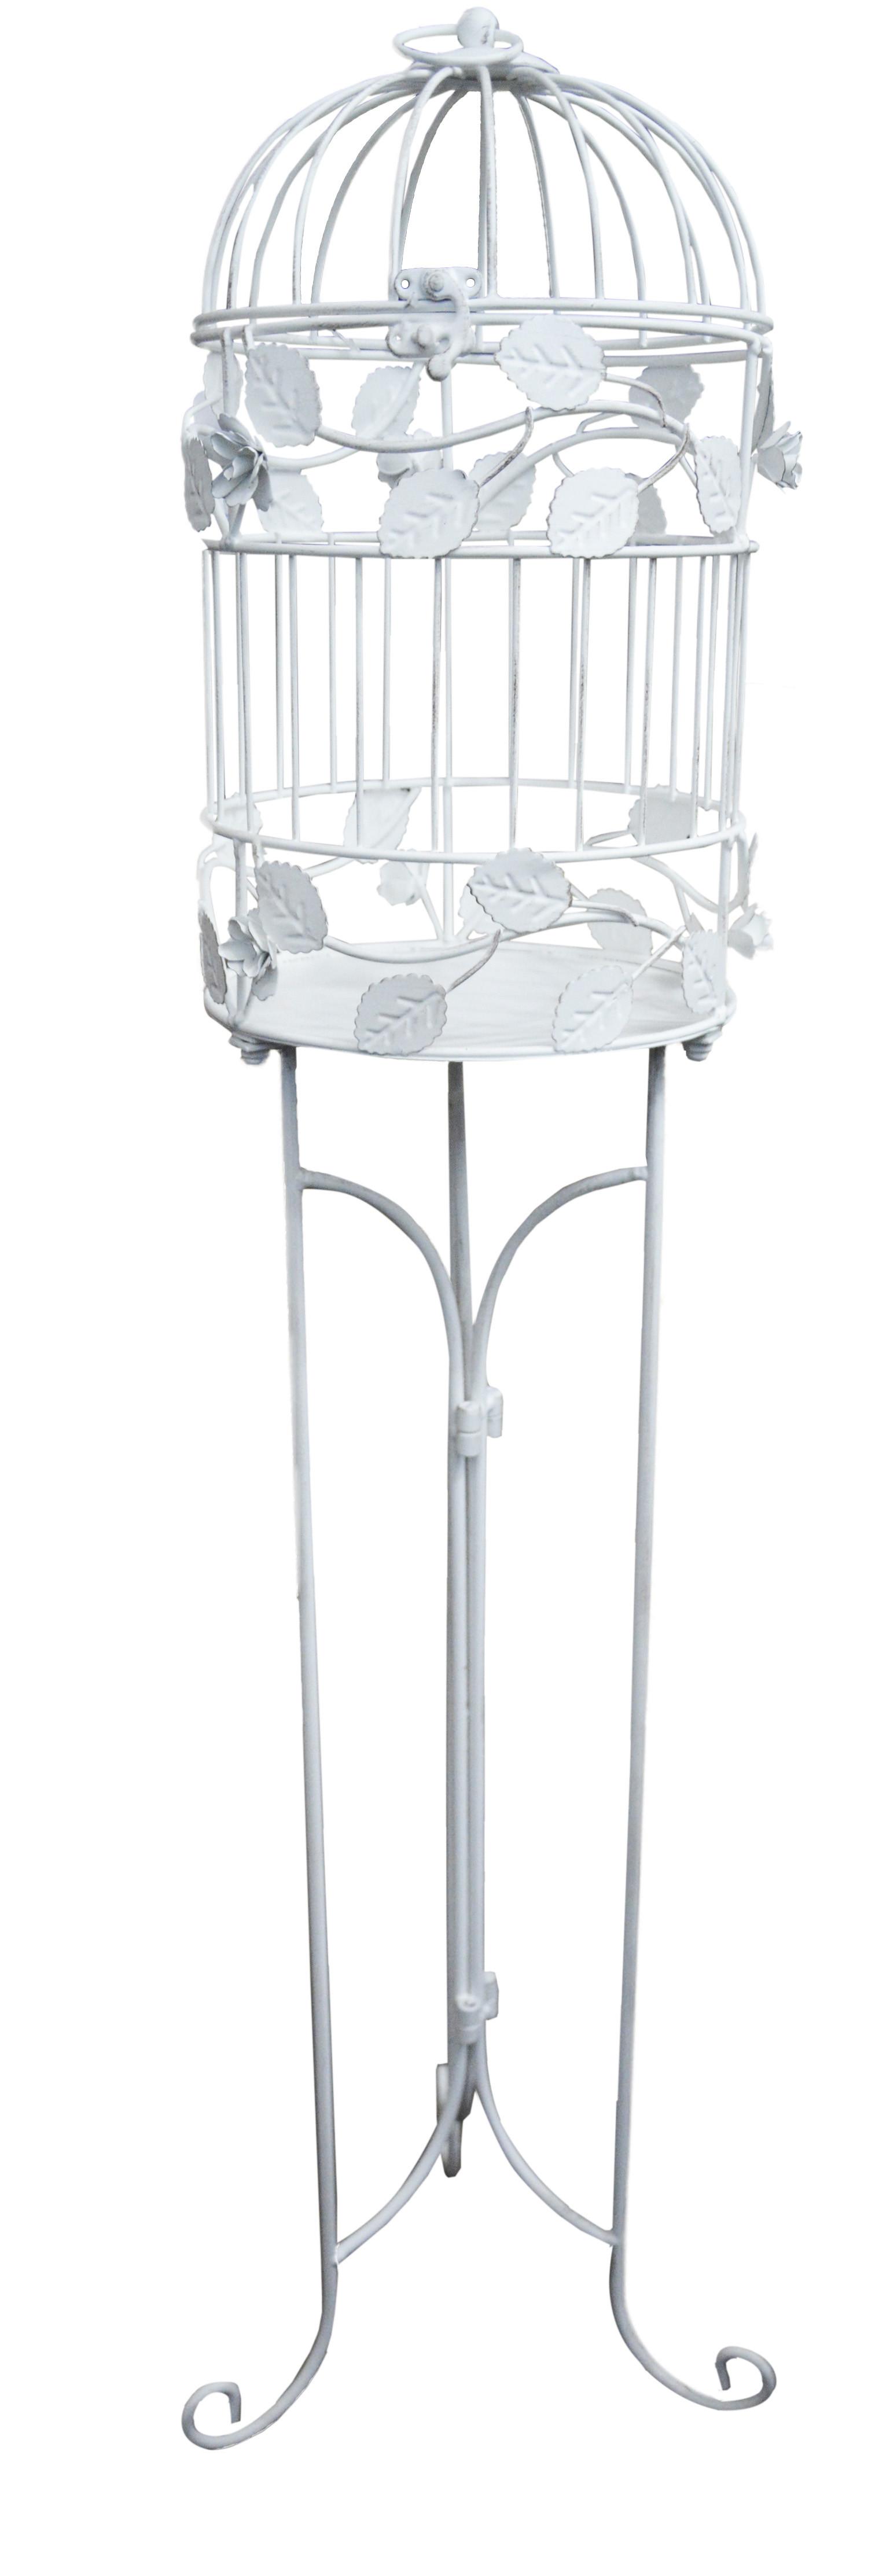 Jaula de pie de material metal de color blanco